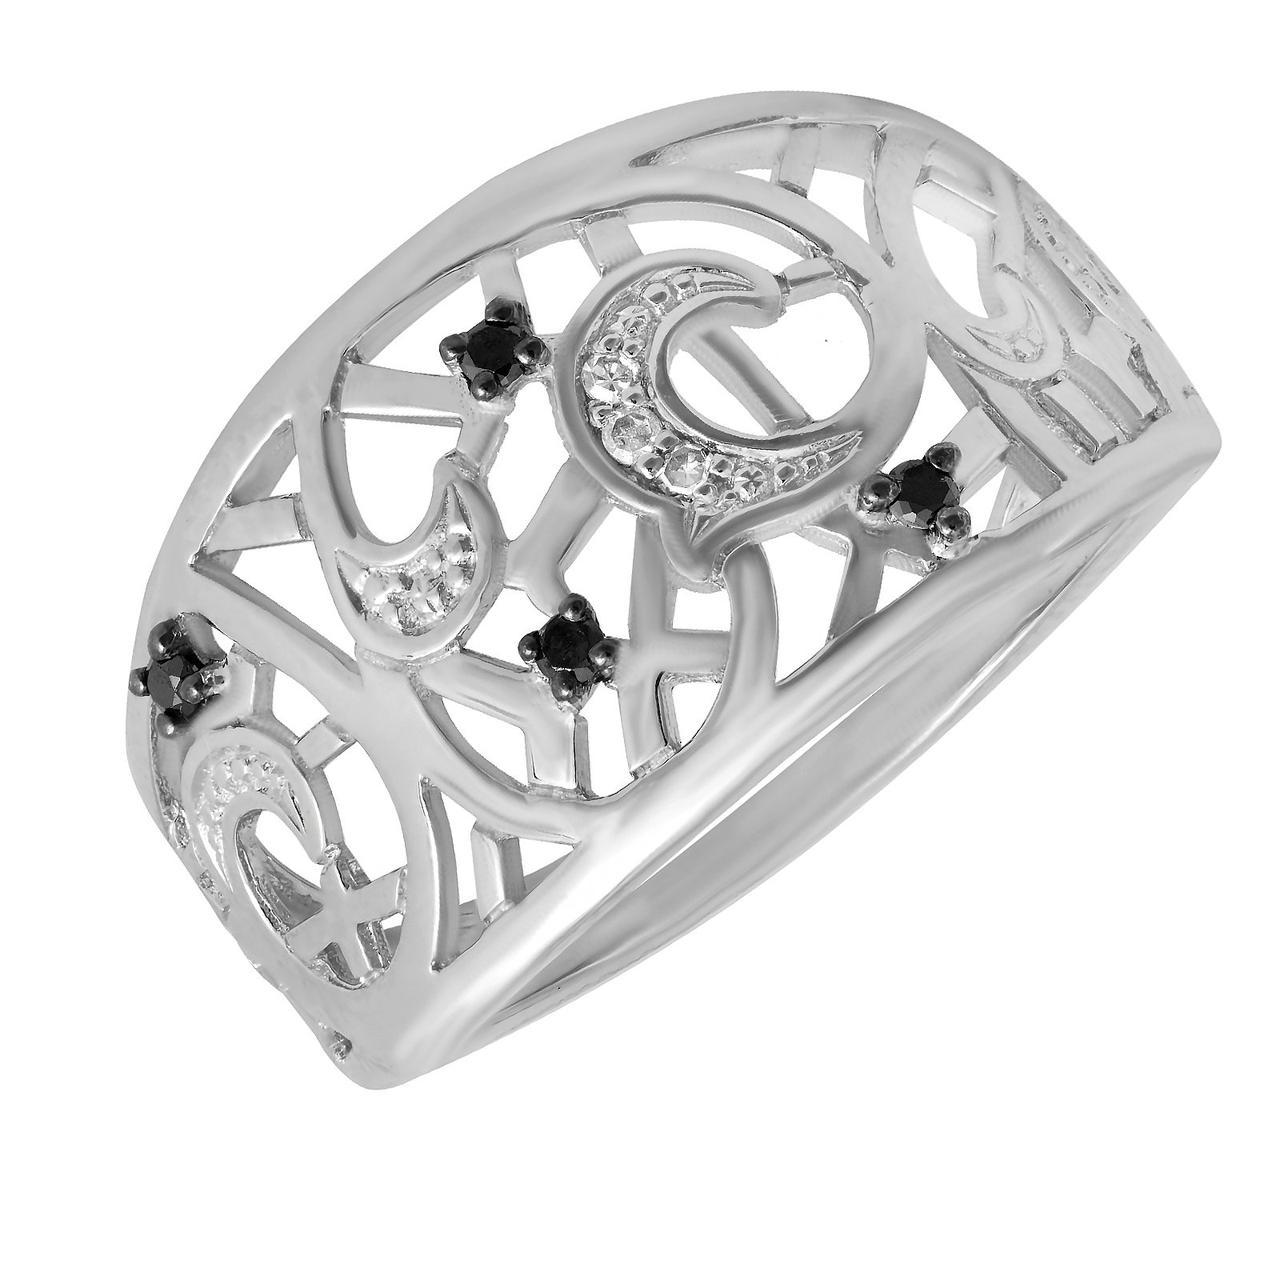 Золотое кольцо с бриллиантами, размер 16 (232961)